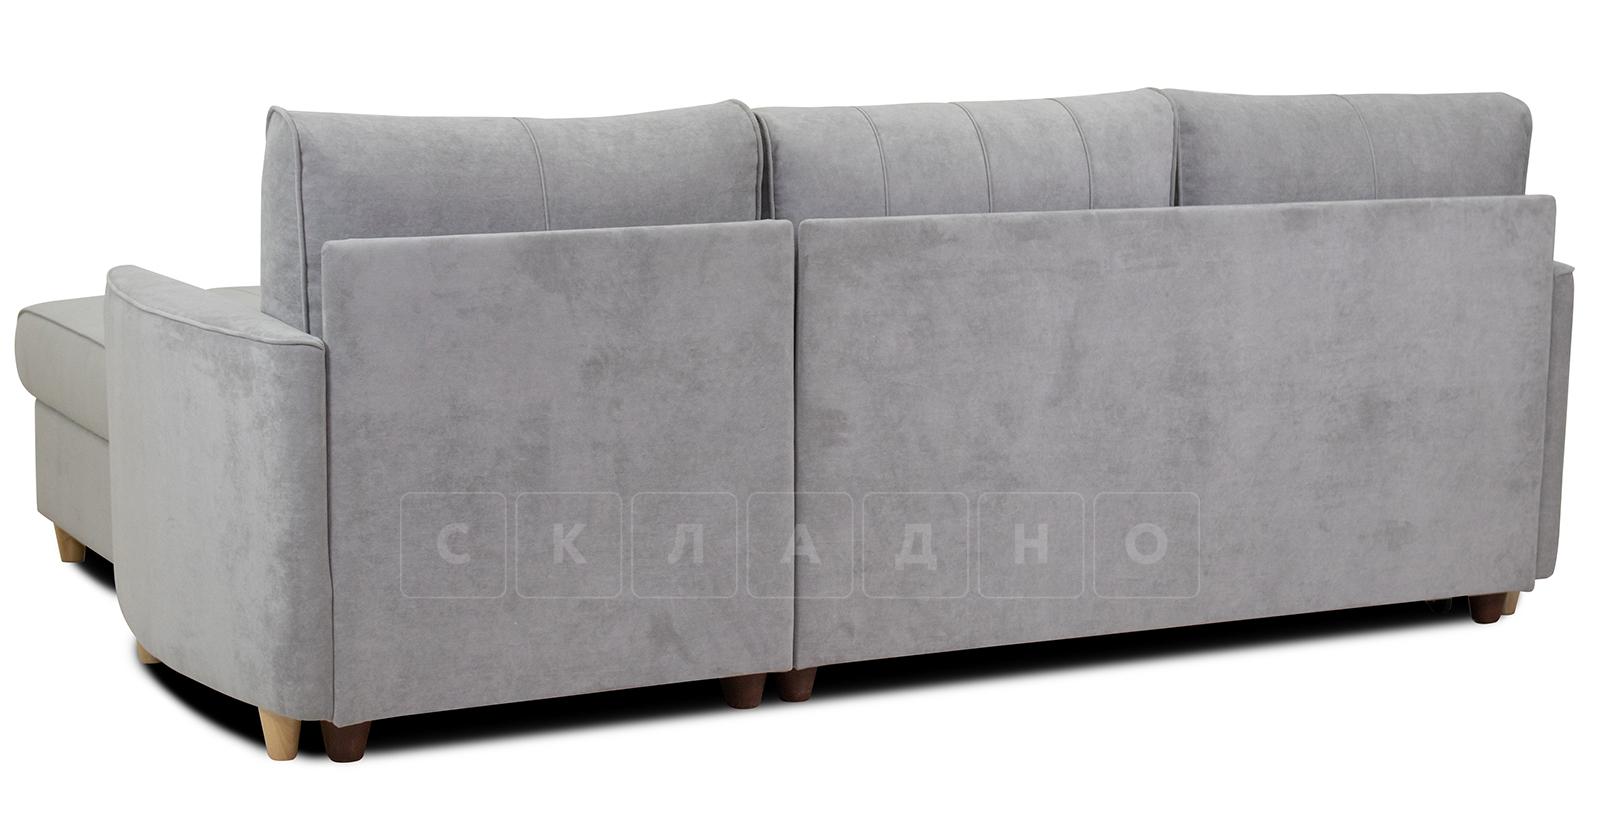 Угловой диван Лорен серебристый серый фото 5 | интернет-магазин Складно